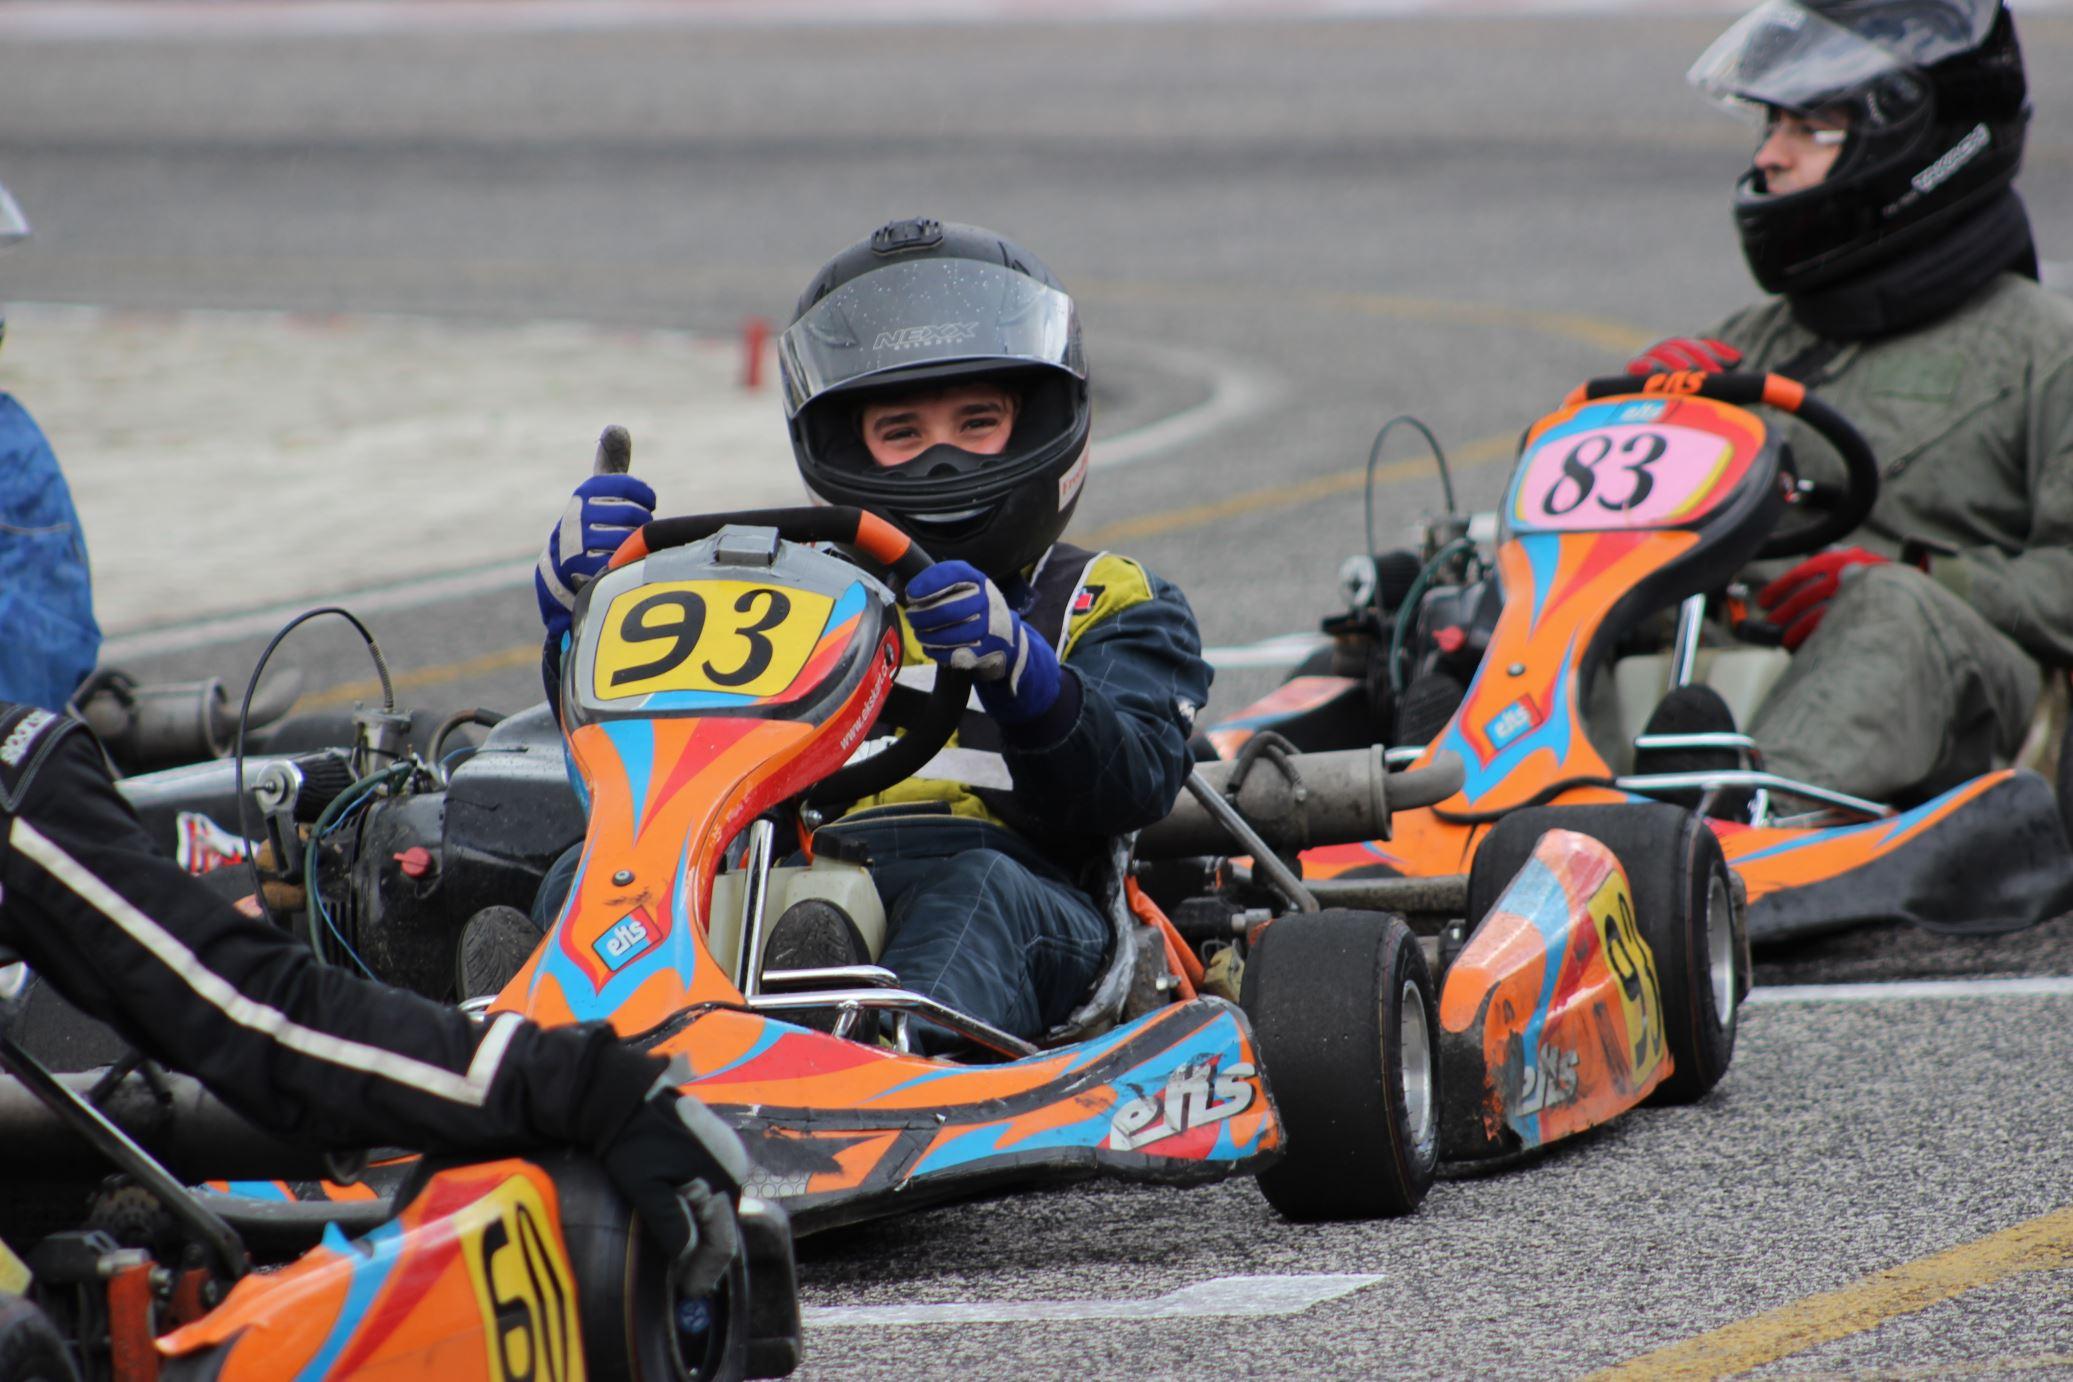 Troféu Honda 2014 - 2ª Prova163